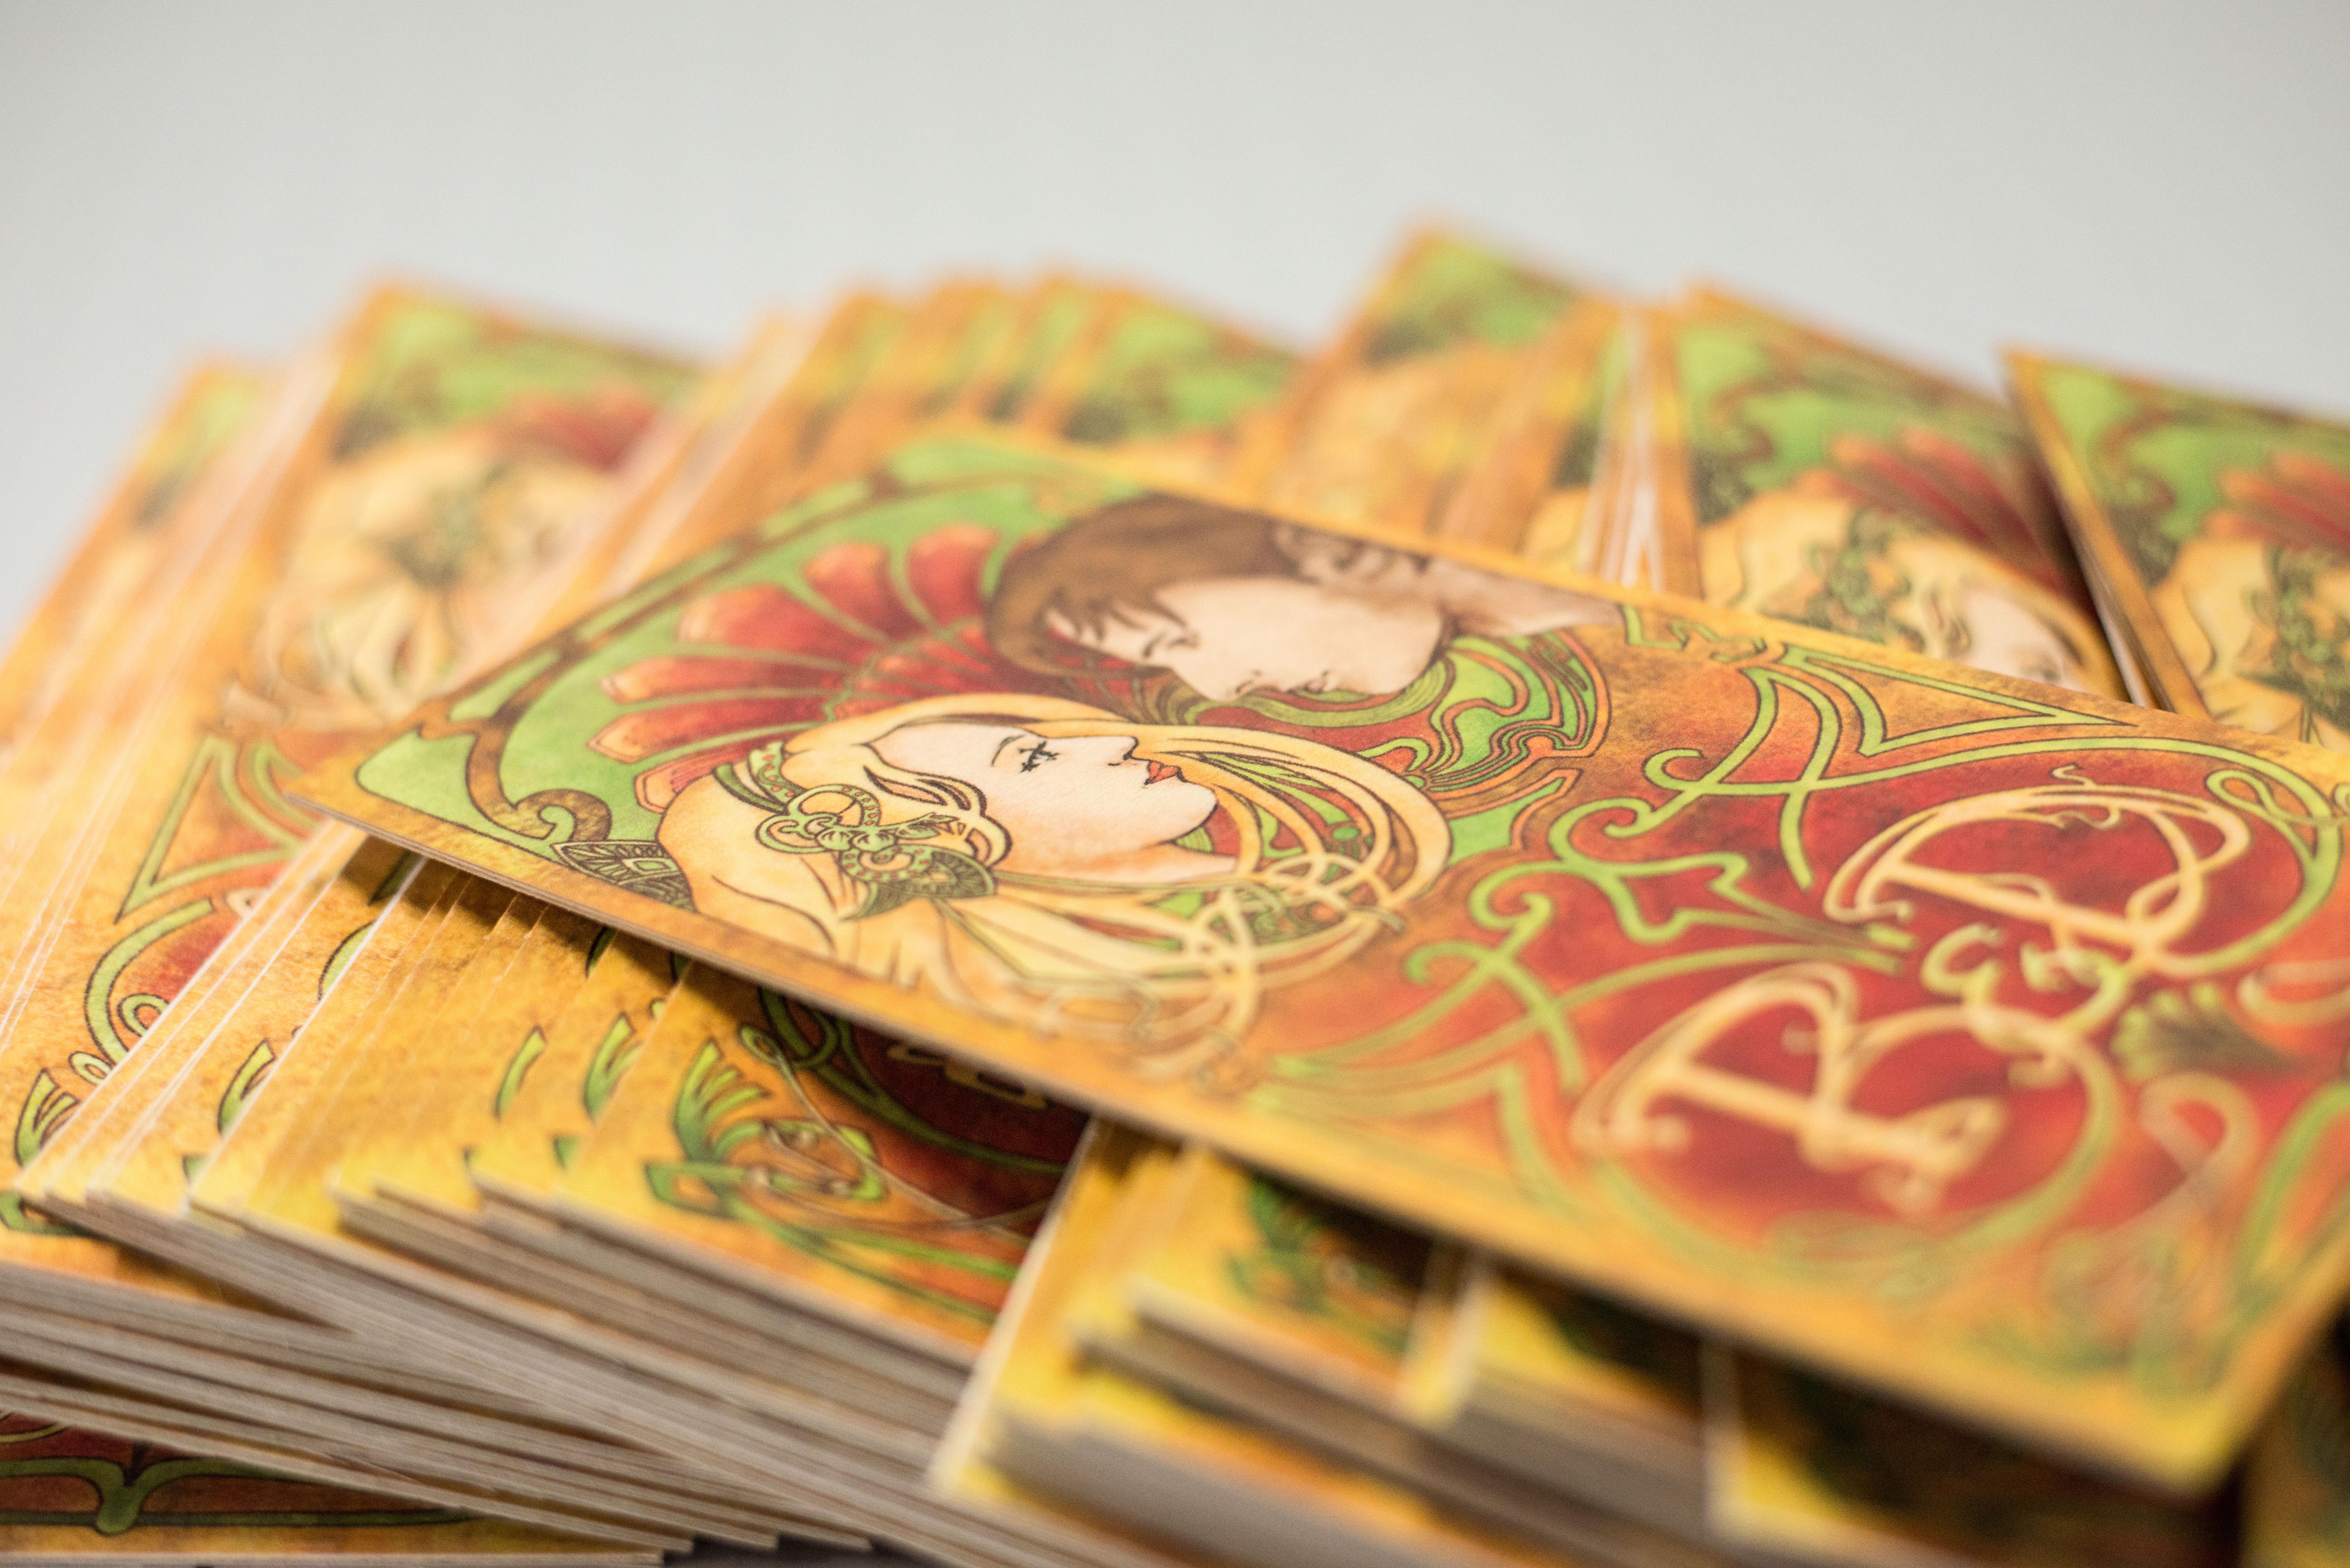 Holzpostkarten